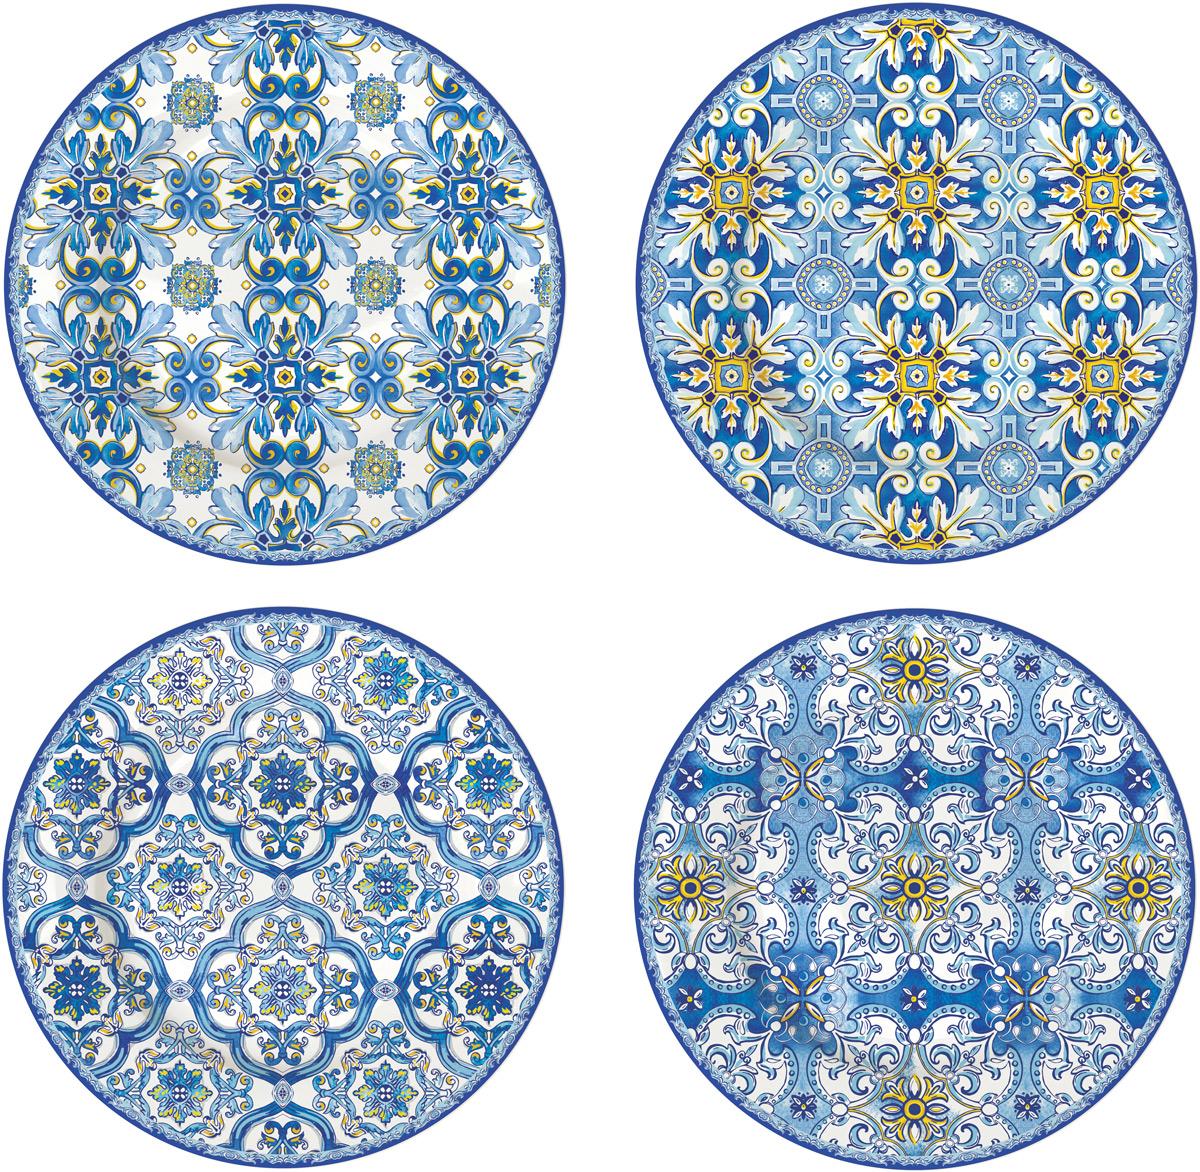 Набор десертных тарелок Easy Life Майолика, цвет: голубой, 4 штEL-R0924/MAIBИтальянская компания Easy Life (Nuova R2S) - является лидером производства кухонной посуды и аксессуаров для дома в Италии. Центральный офис компании находится в Италии, производство расположено в Италии и Китае. Концепция выпускаемой продукции заключается в создании единой дизайнерской линии предметов сервировки стола, оформления интерьера кухни или столовой комнаты. Вся продукция производится из современных и экологически чистых материалов: фарфора, стекла, пластика и дерева. Продукция компании Easy Life (Nuova R2S) отличается современным дизайном, и легкостью в эксплуатации. Компания работает в тесном сотрудничестве с лучшими итальянскими художниками и дизайнерами. Важным преимуществом этой фабрики, является оригинальная подарочная упаковка. Продукция компании Easy Life (Nuova R2S) не только современный подарок и украшение для Вашего дома, но и всегда неисчерпаемое количество идей на Вашей кухне.